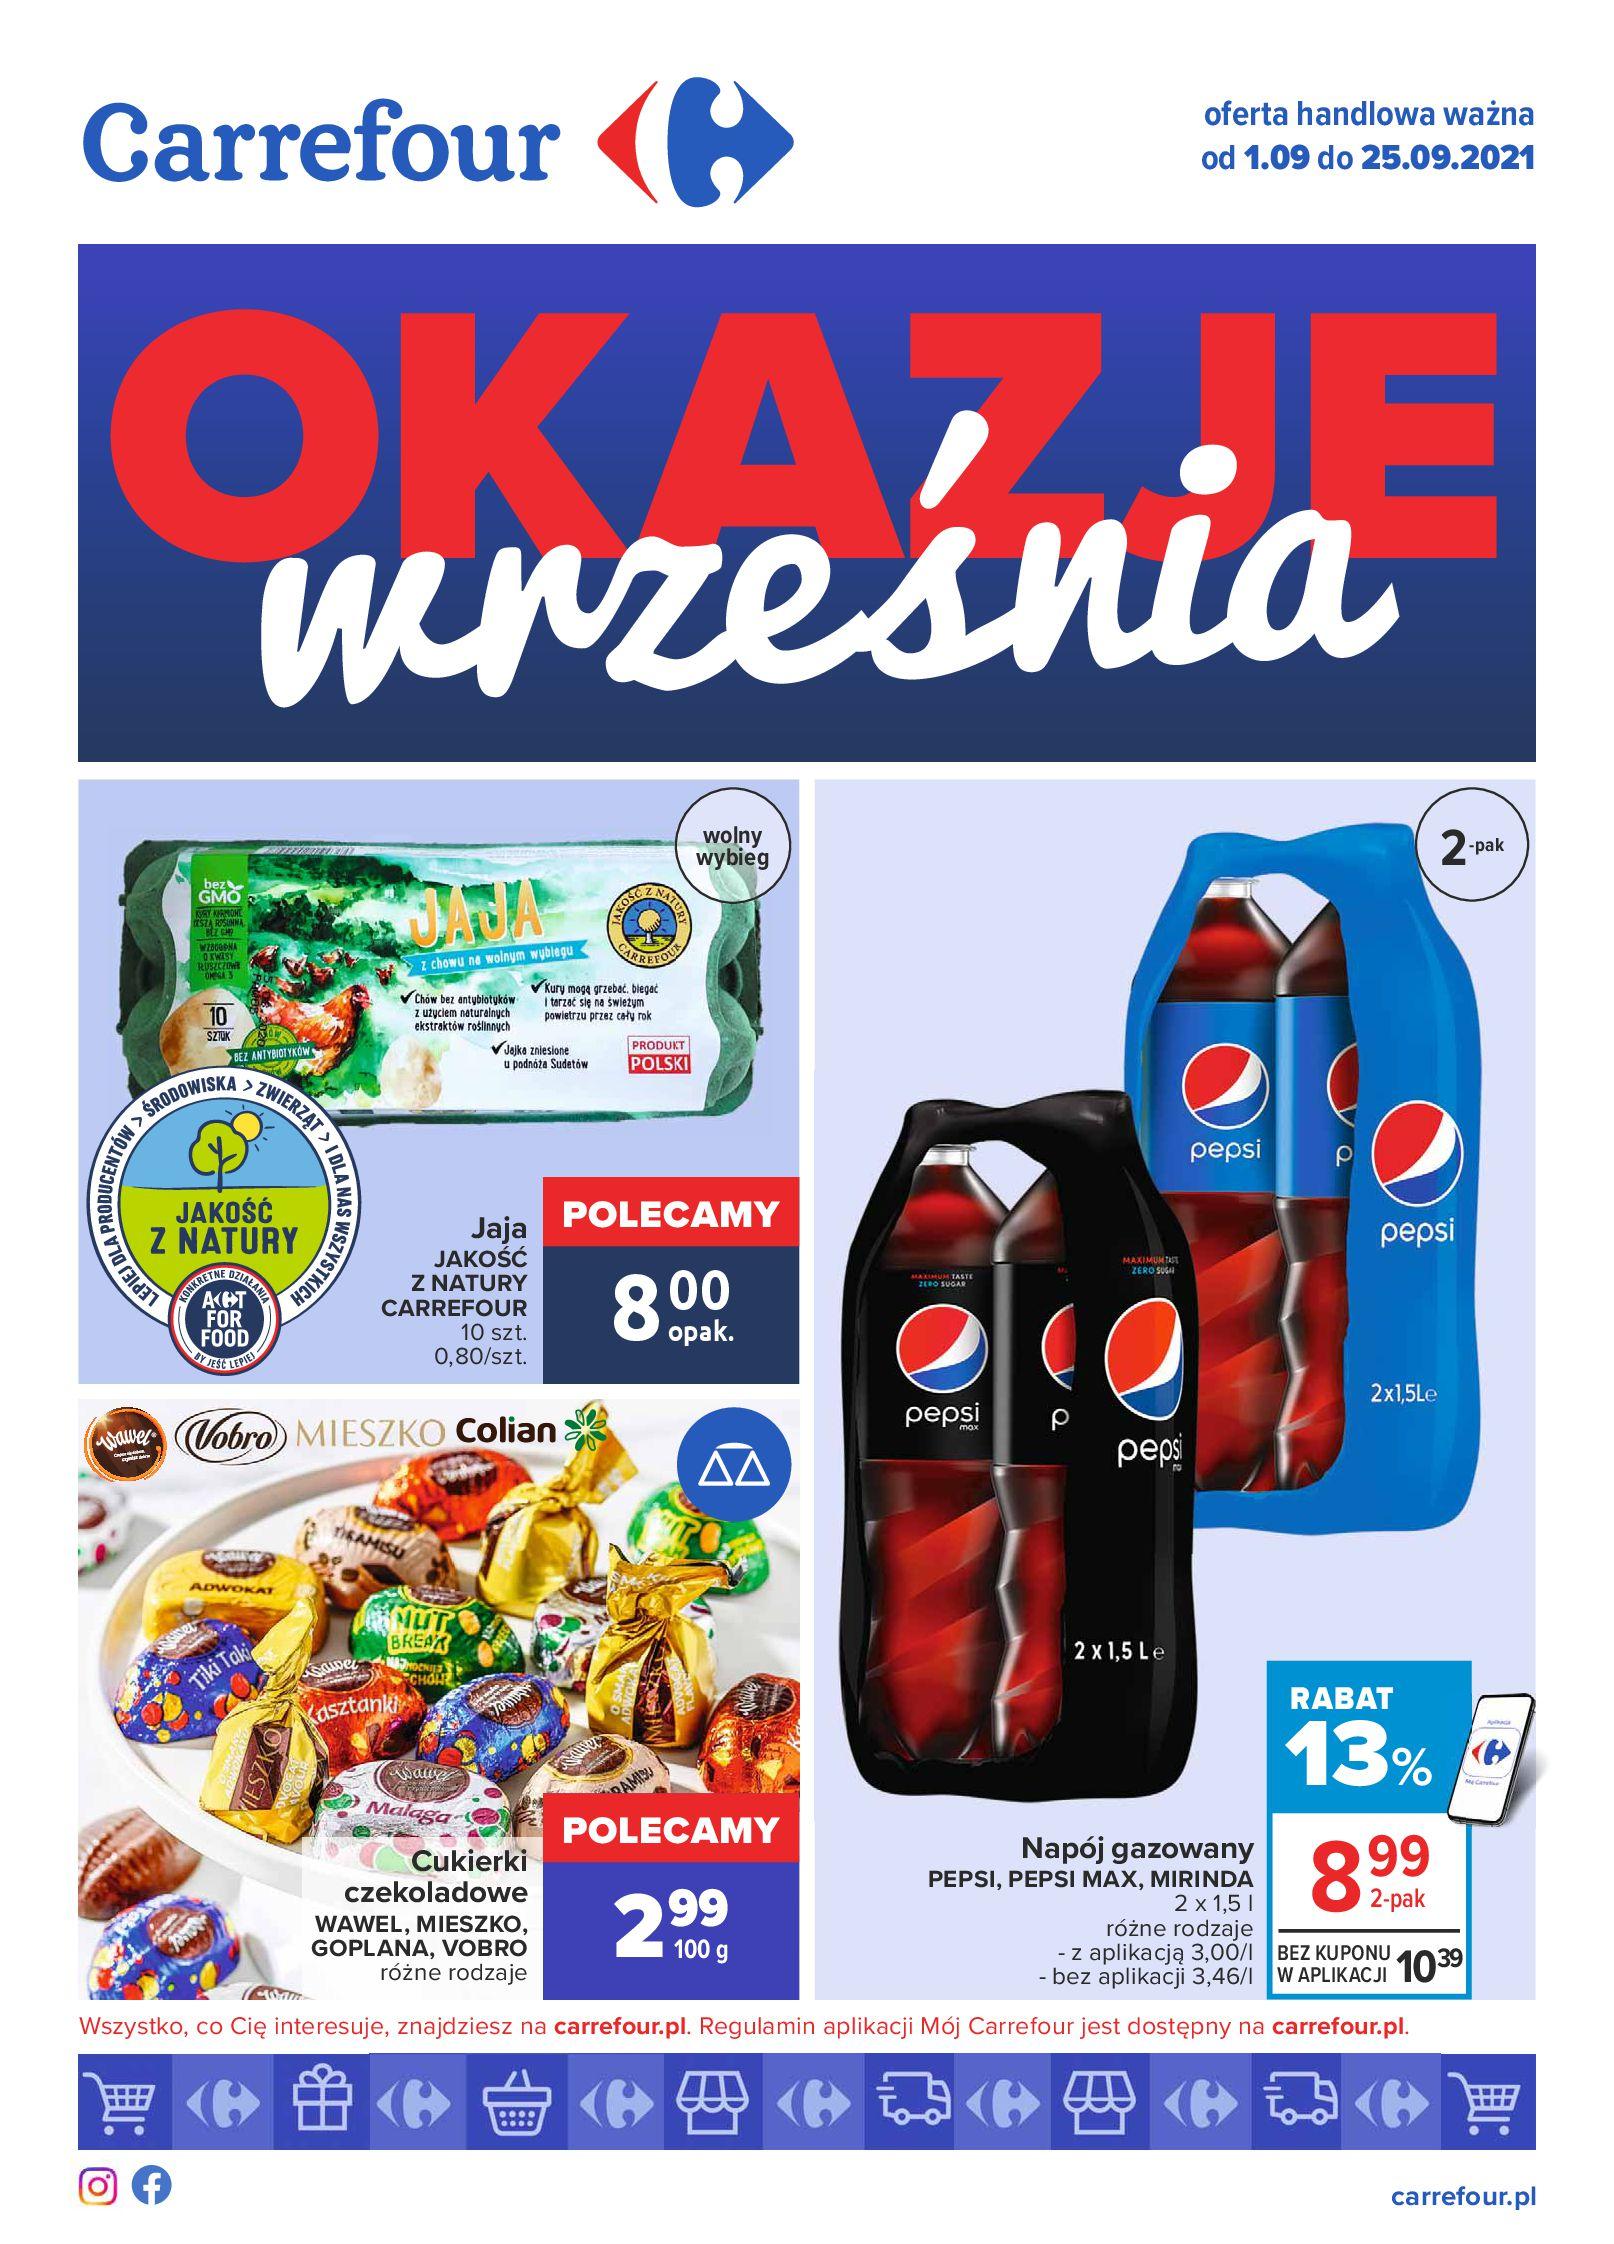 Carrefour:  Gazetka Carrefour - Okazje Września 31.08.2021